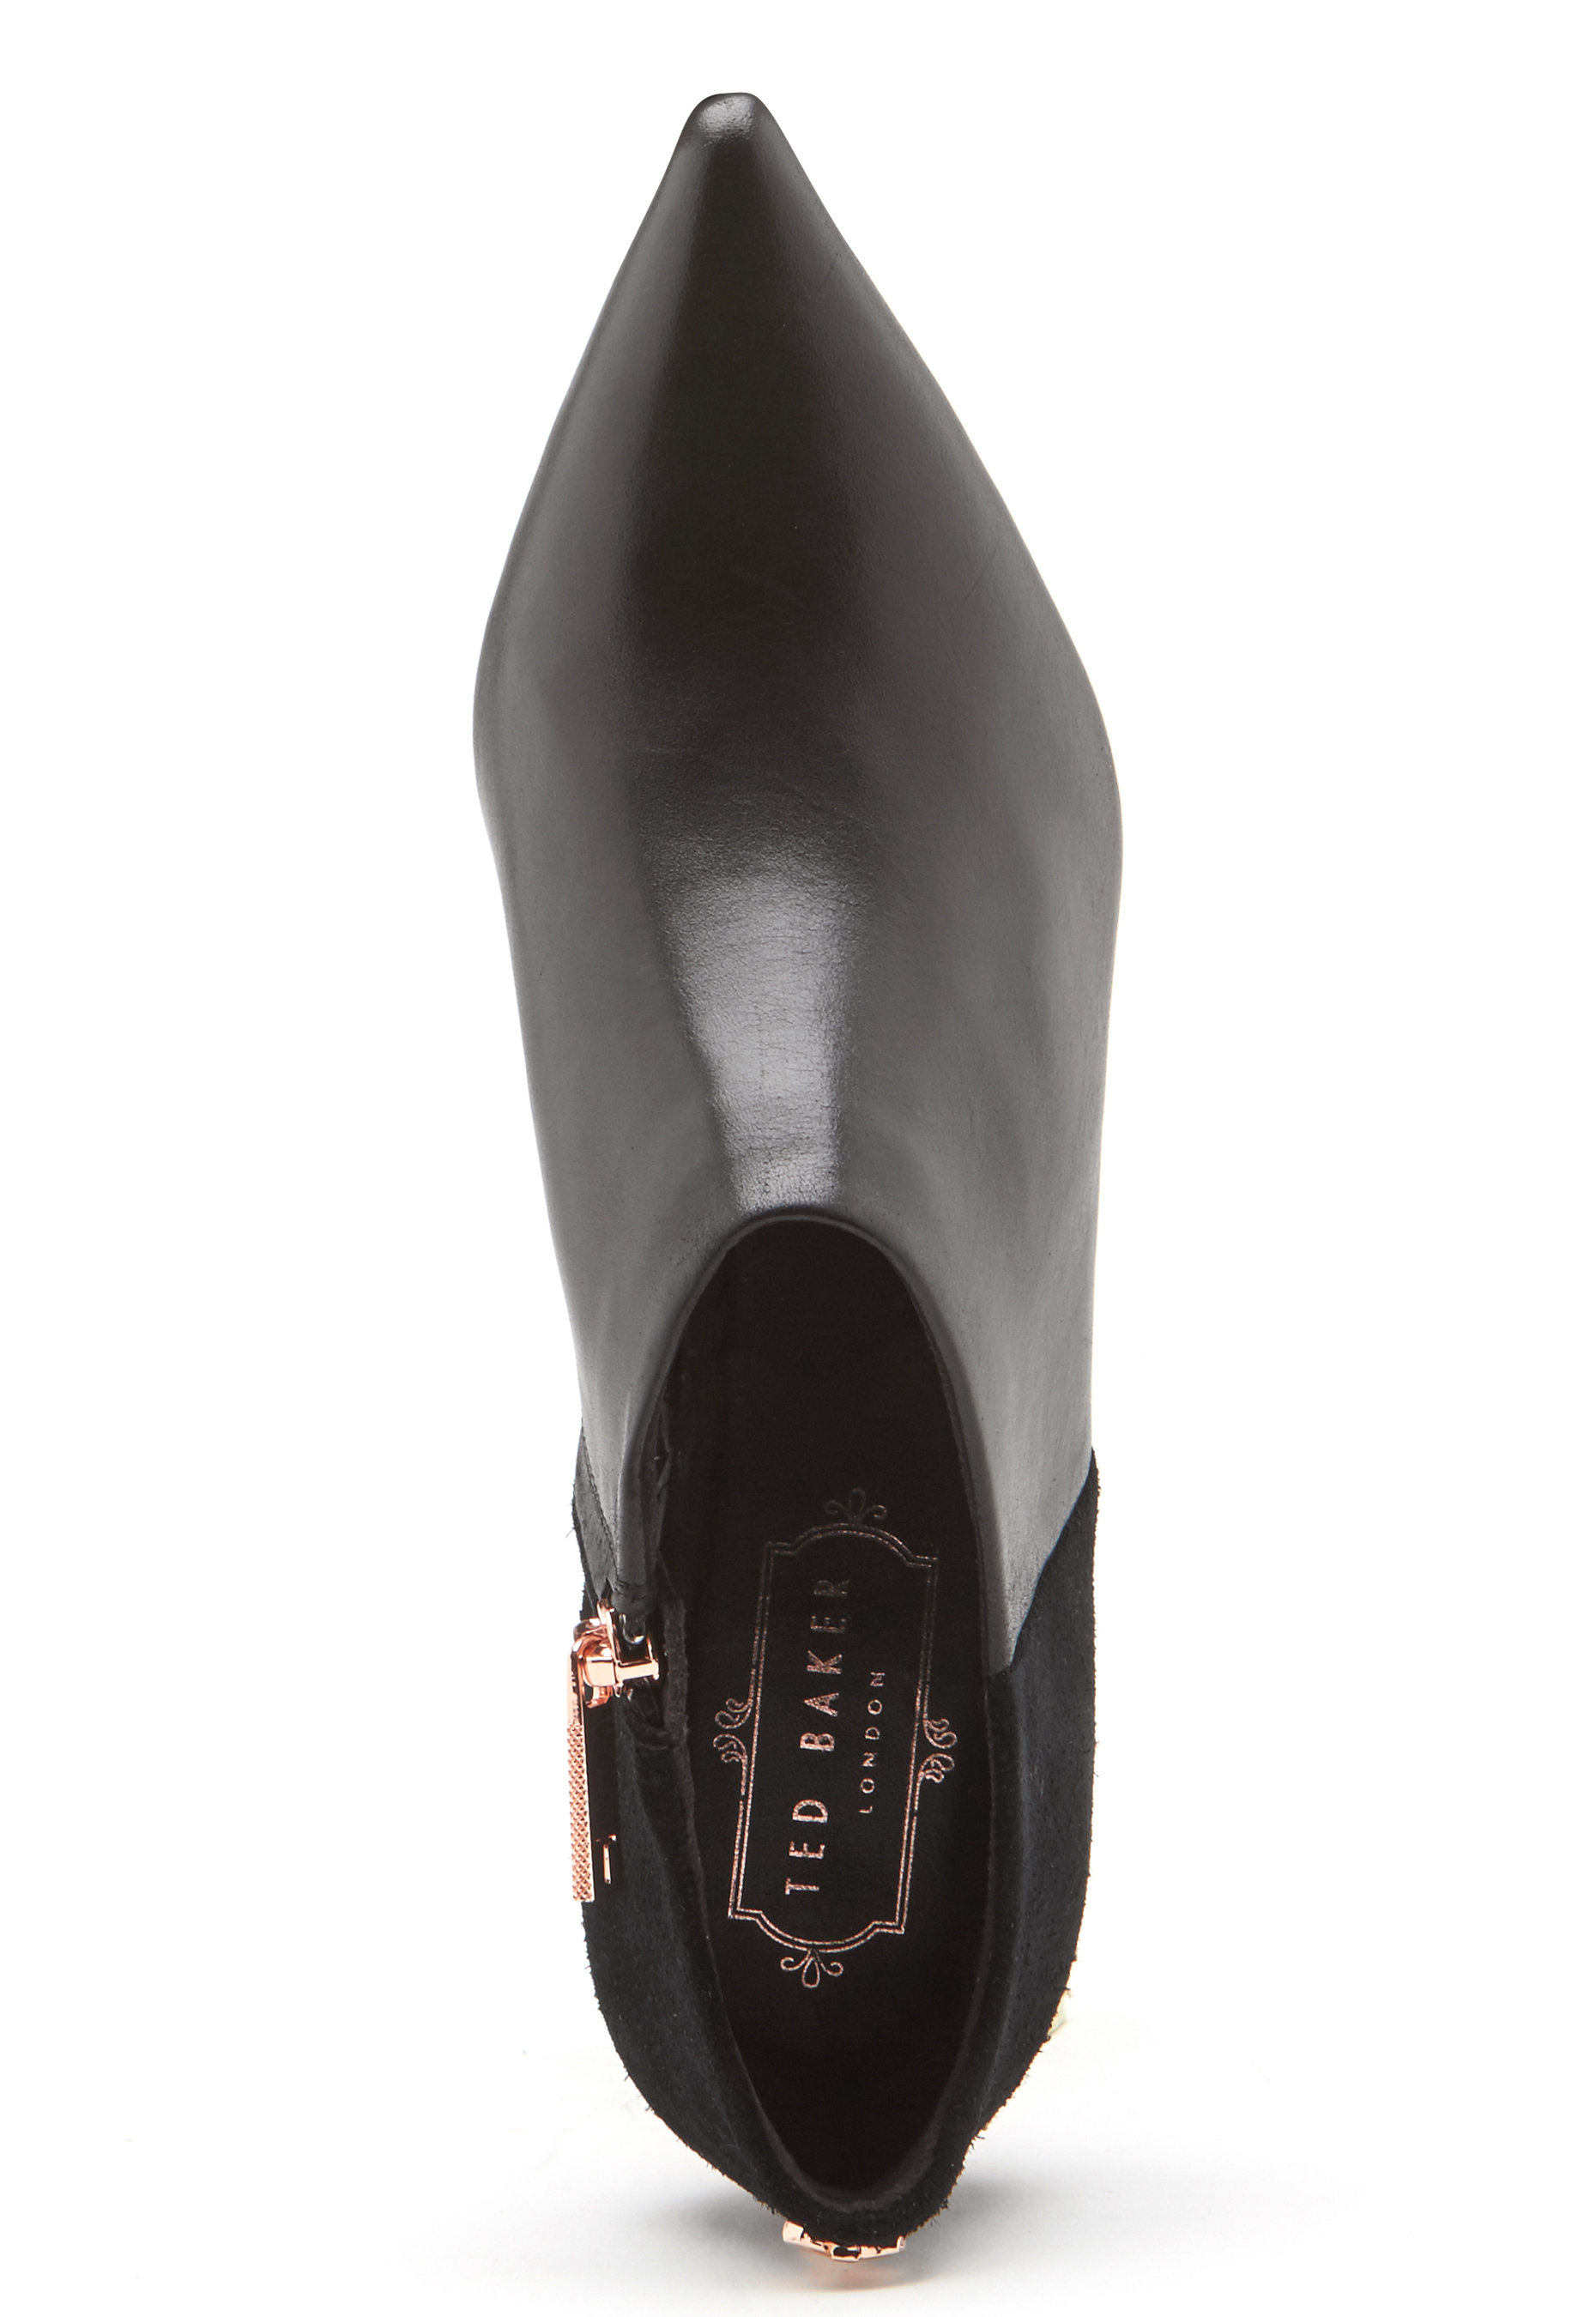 Ted Baker Akasha Shoes Black - Bubbleroom e1a167942d